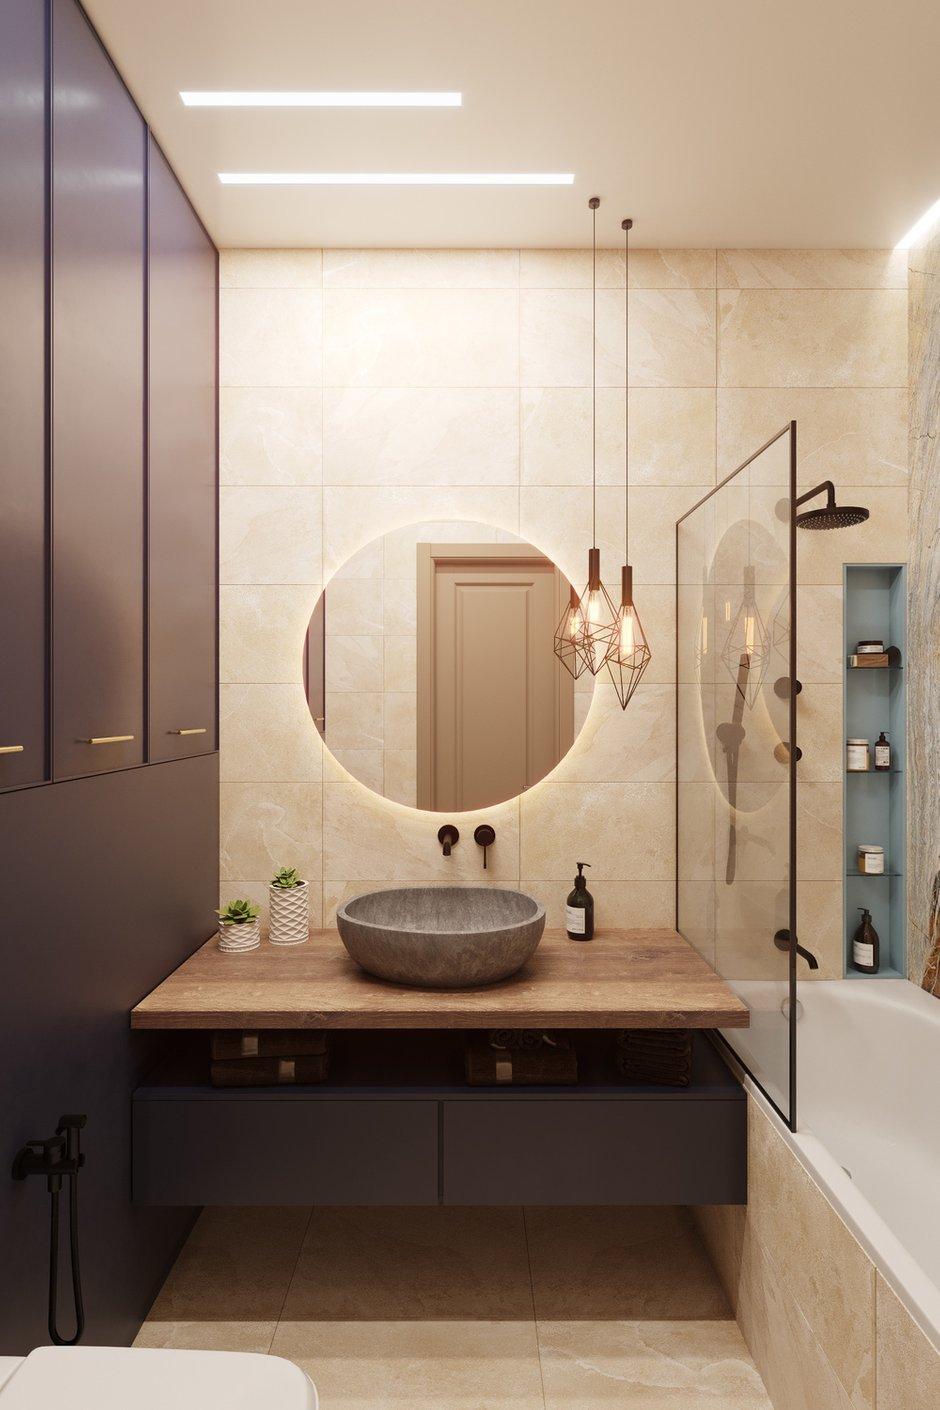 Раковина в ванной выполнена из речного камня, а столешницы изготовлены из особой породы дерева — тика, предназначенного специально для мокрых помещений.